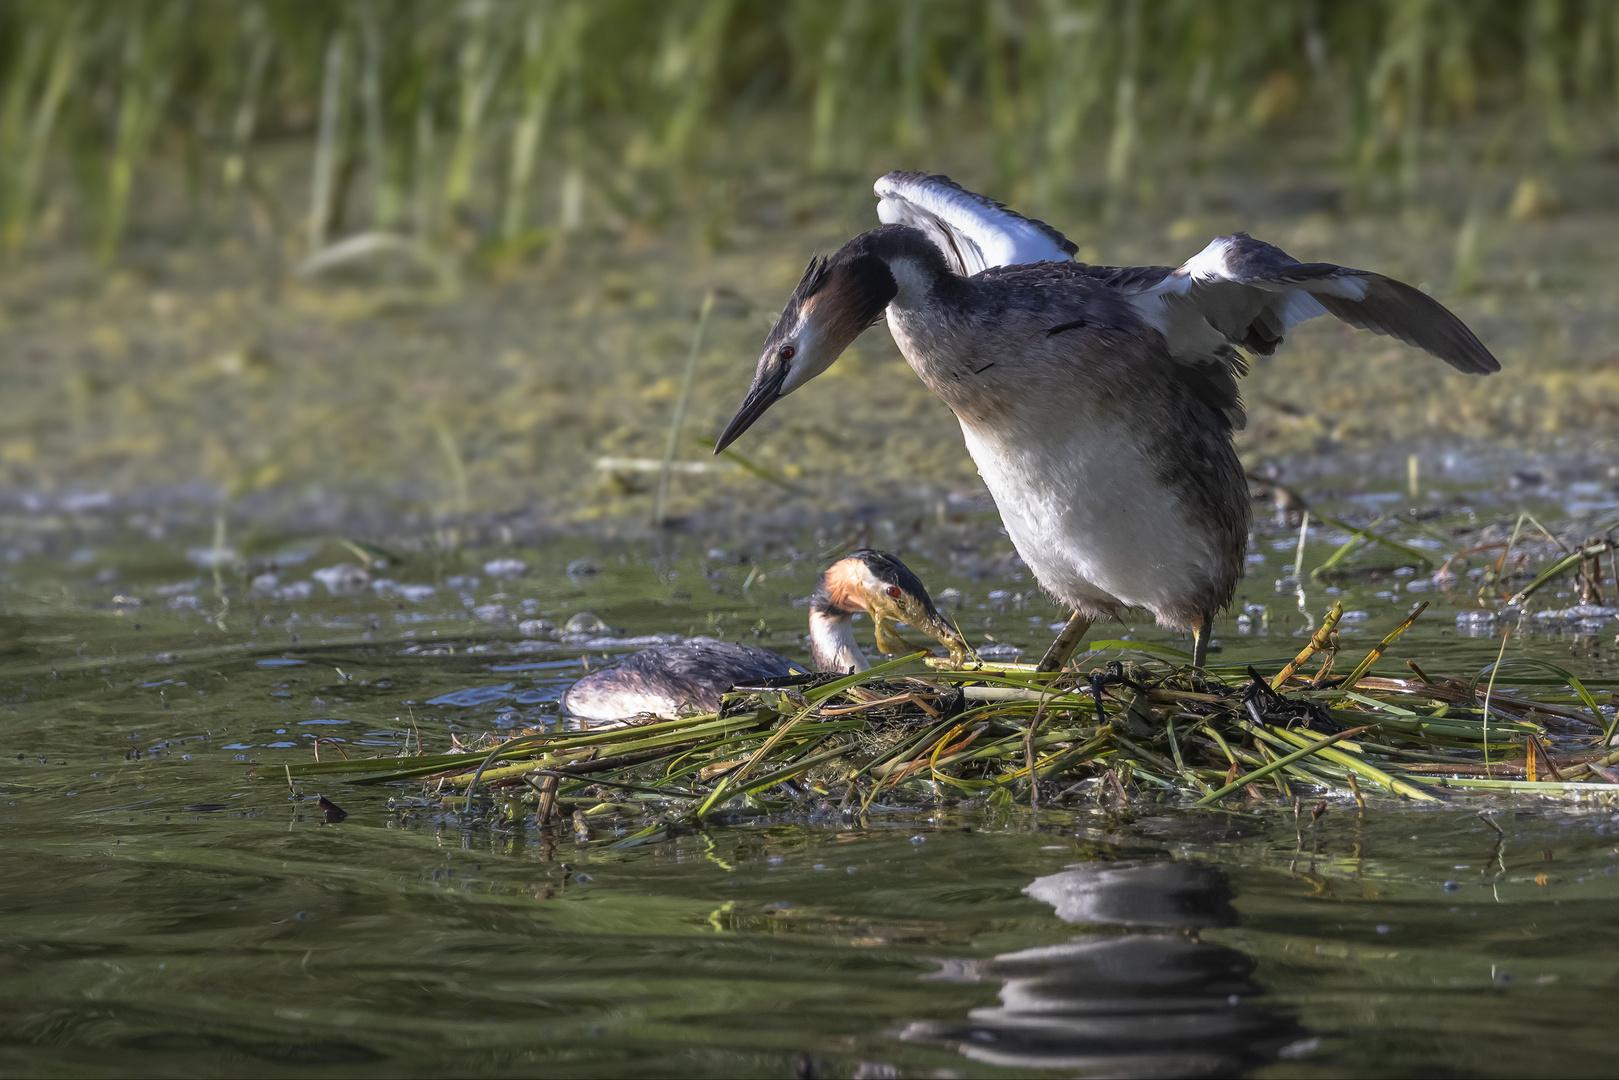 Haubentaucher im Nest